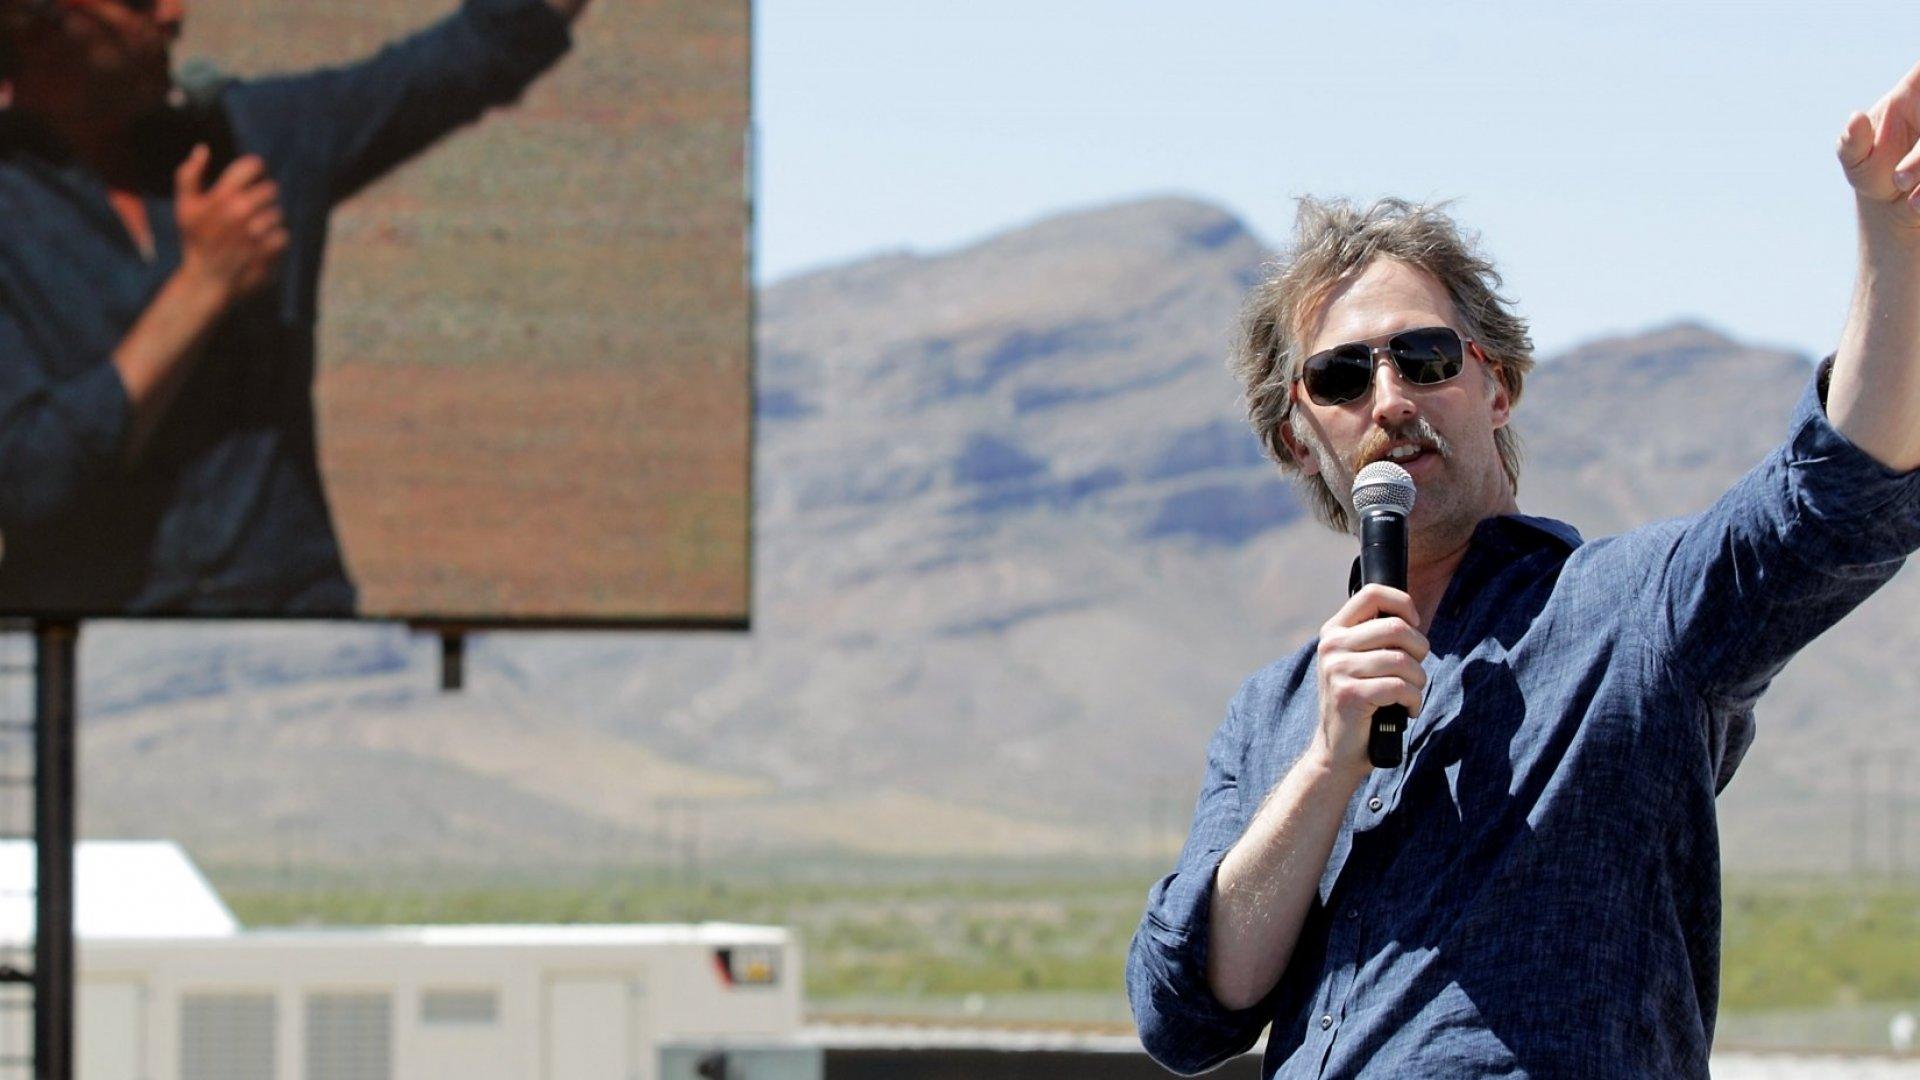 Hyperloop One Files Lawsuit Against Co-Founder Brogan BamBrogan